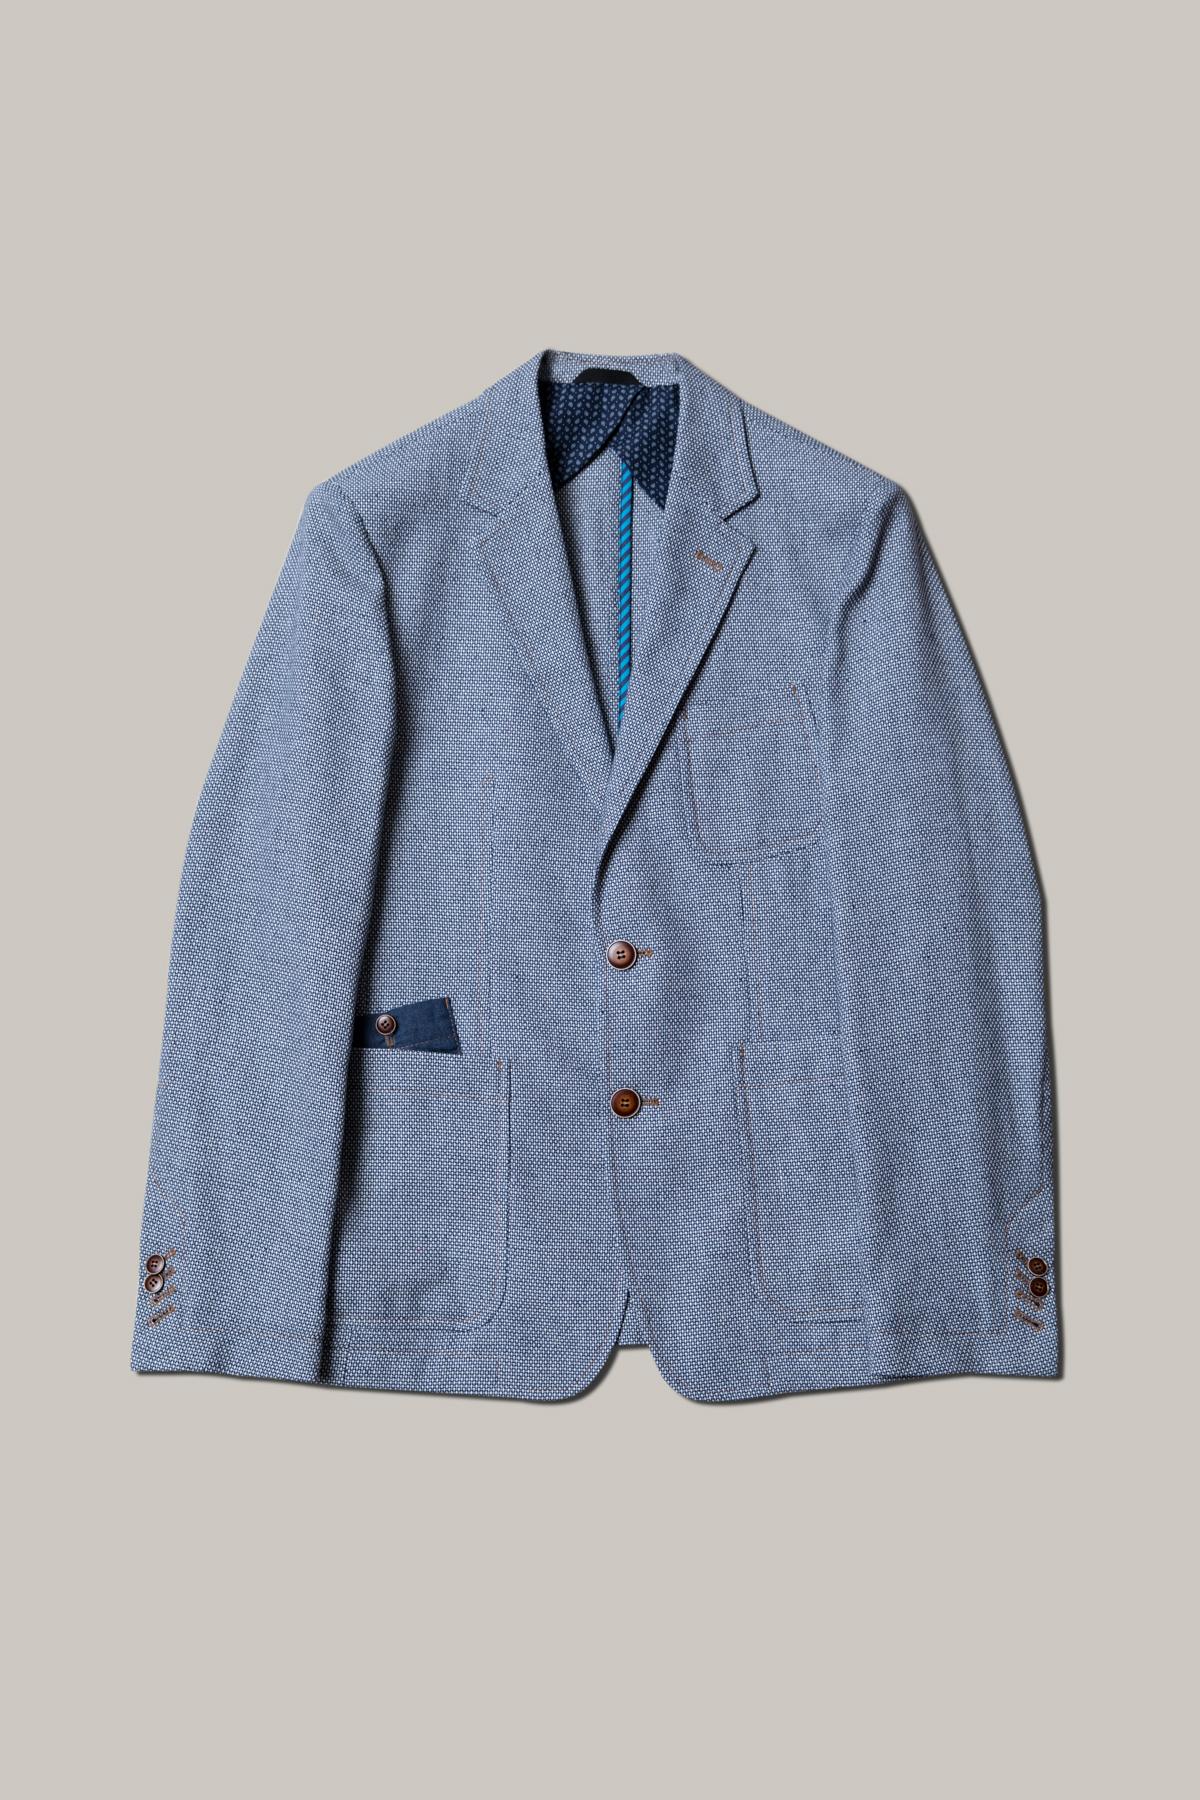 Пиджак из льна Vaismann 2006-16